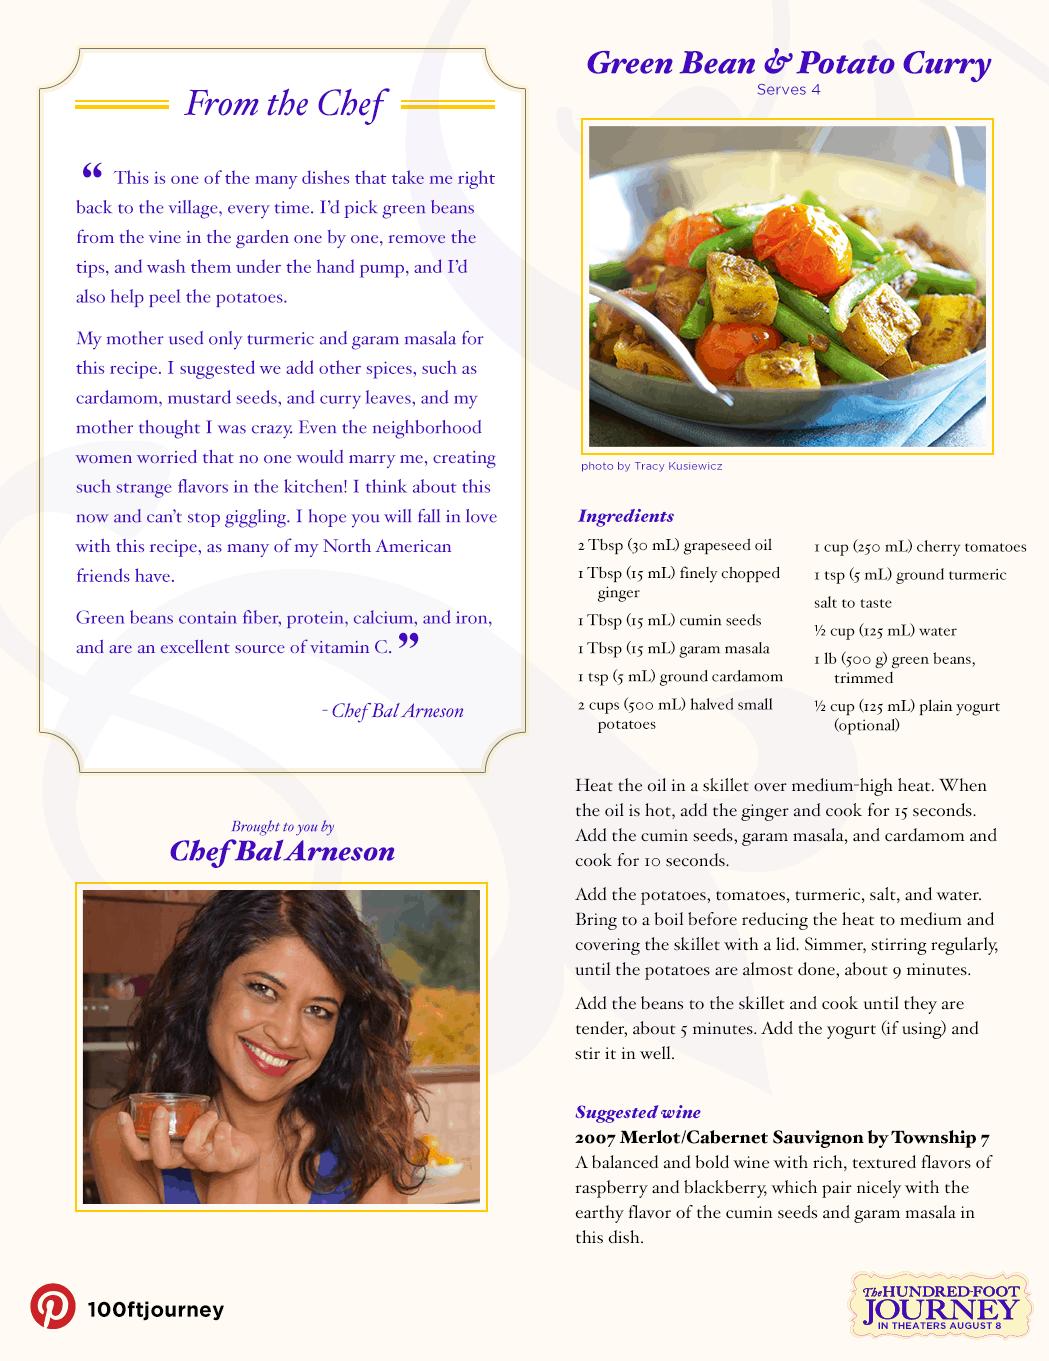 Green Bean & Potato Curry